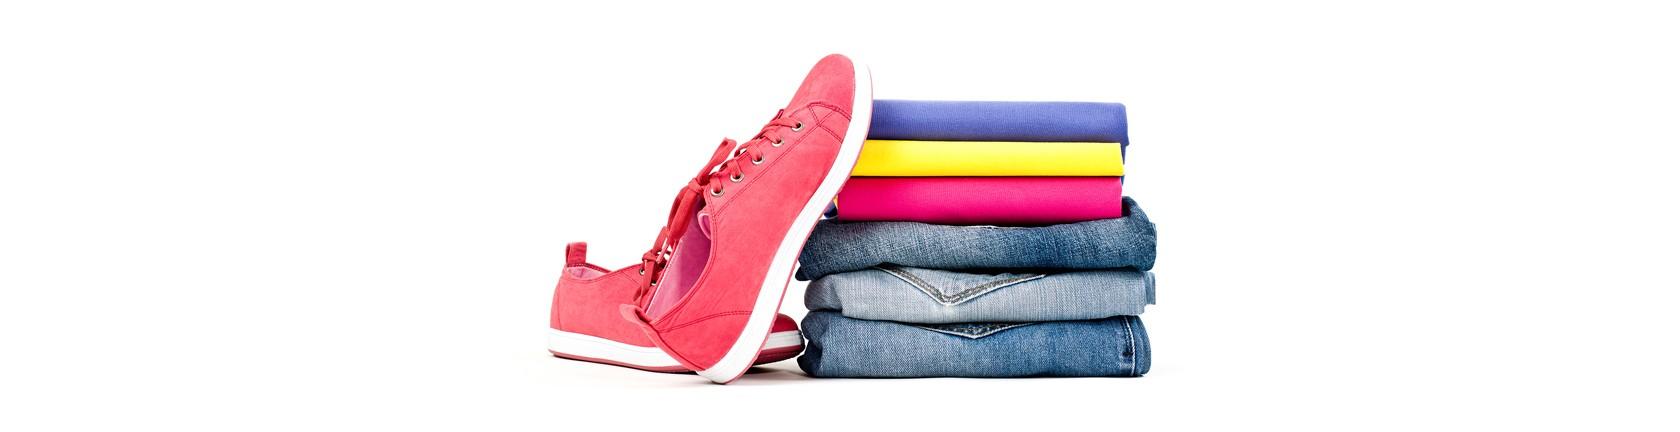 Ordentlich gefalteter Kleidungsstapel, links davon Sneaker aus Stoff.